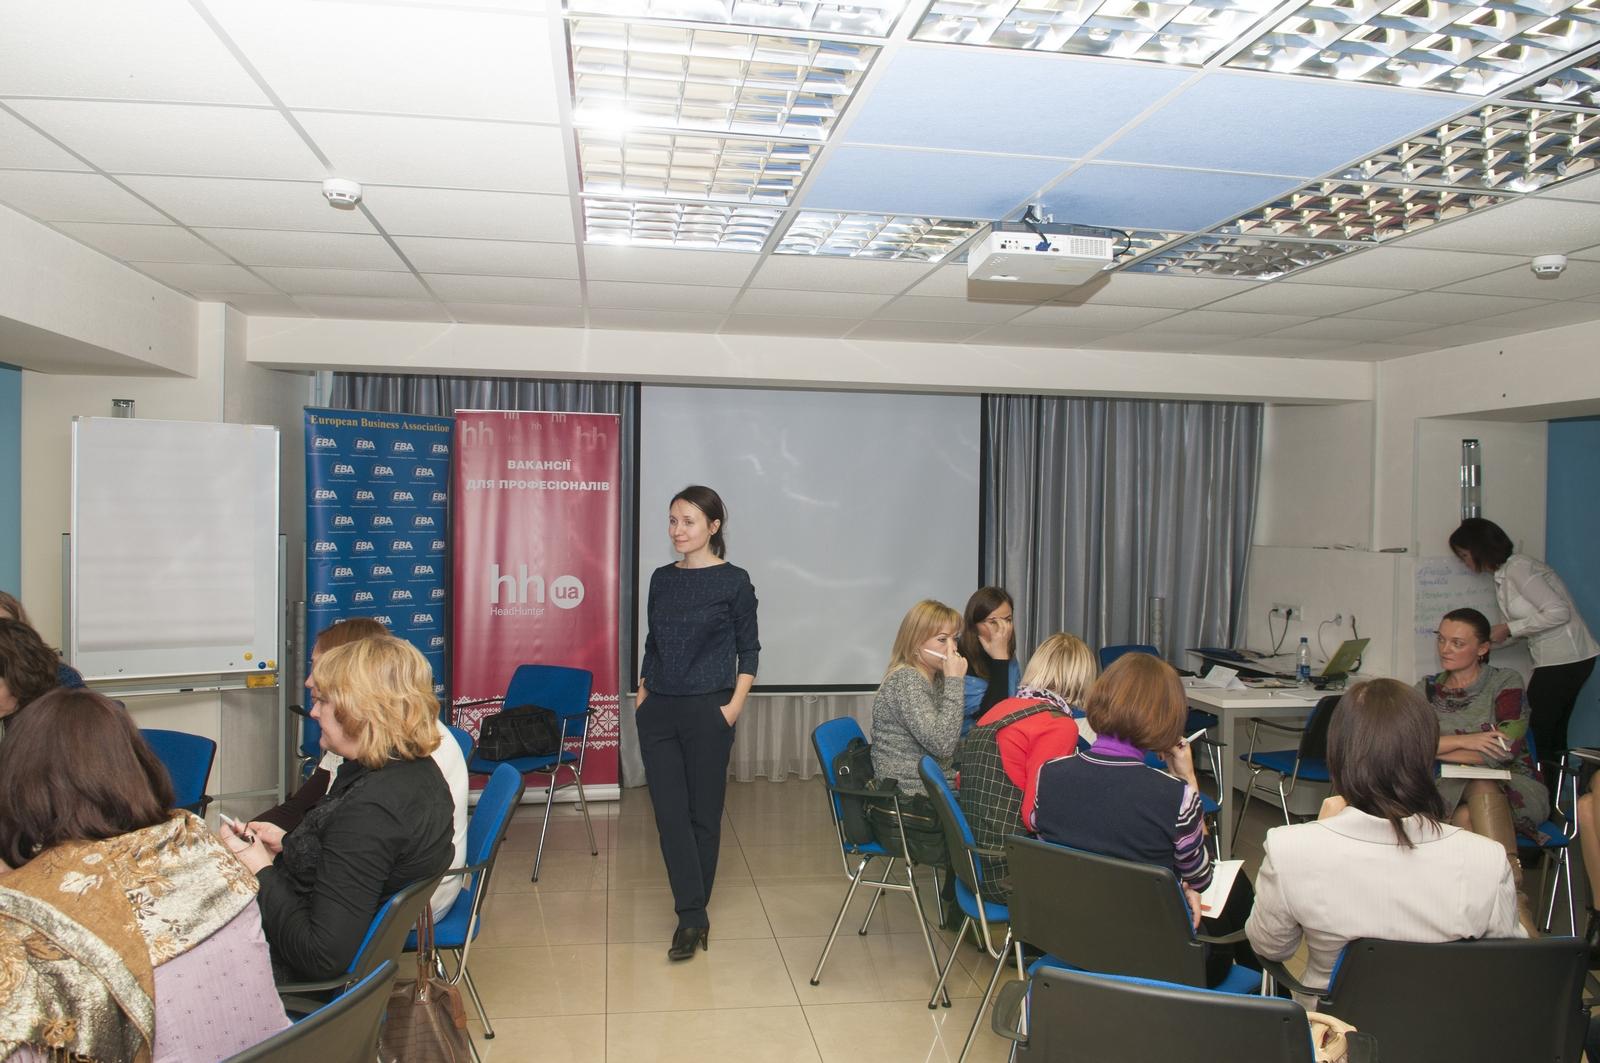 30 октября состоялся первый заезд проекта «BICYCLE» для HR в Днепропетровске